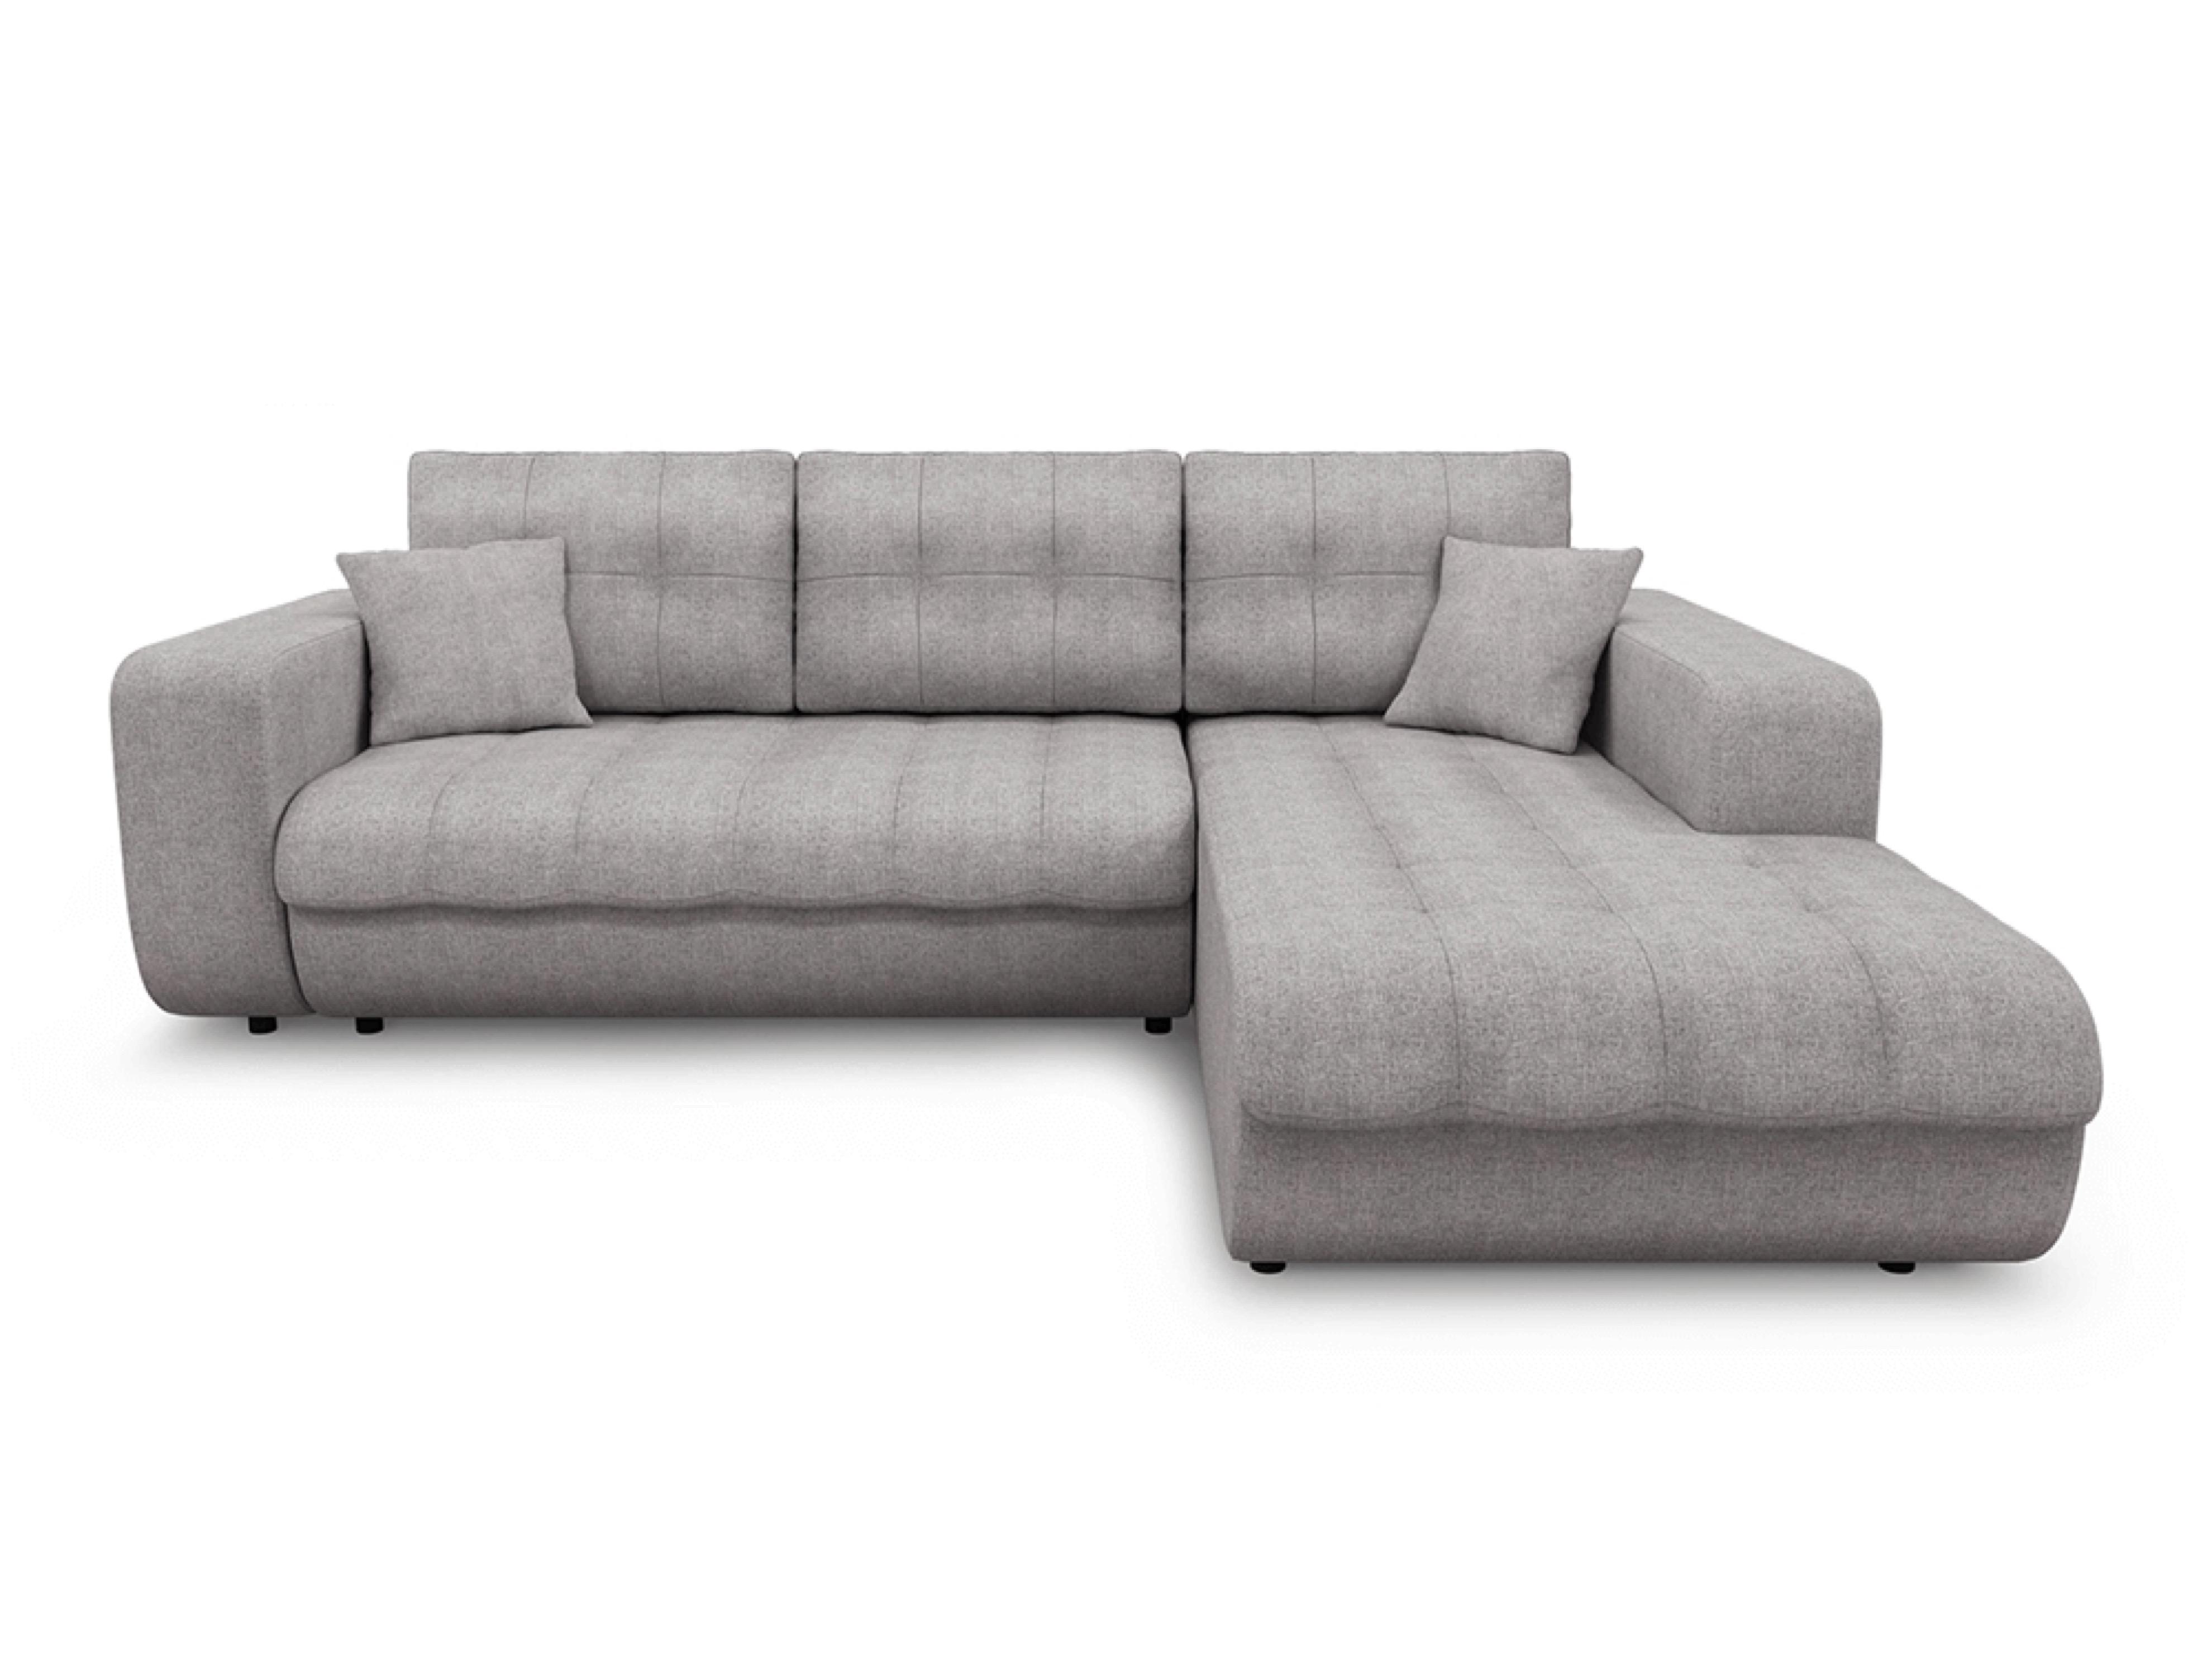 Canapé d'angle droit convertible en tissu gris clair